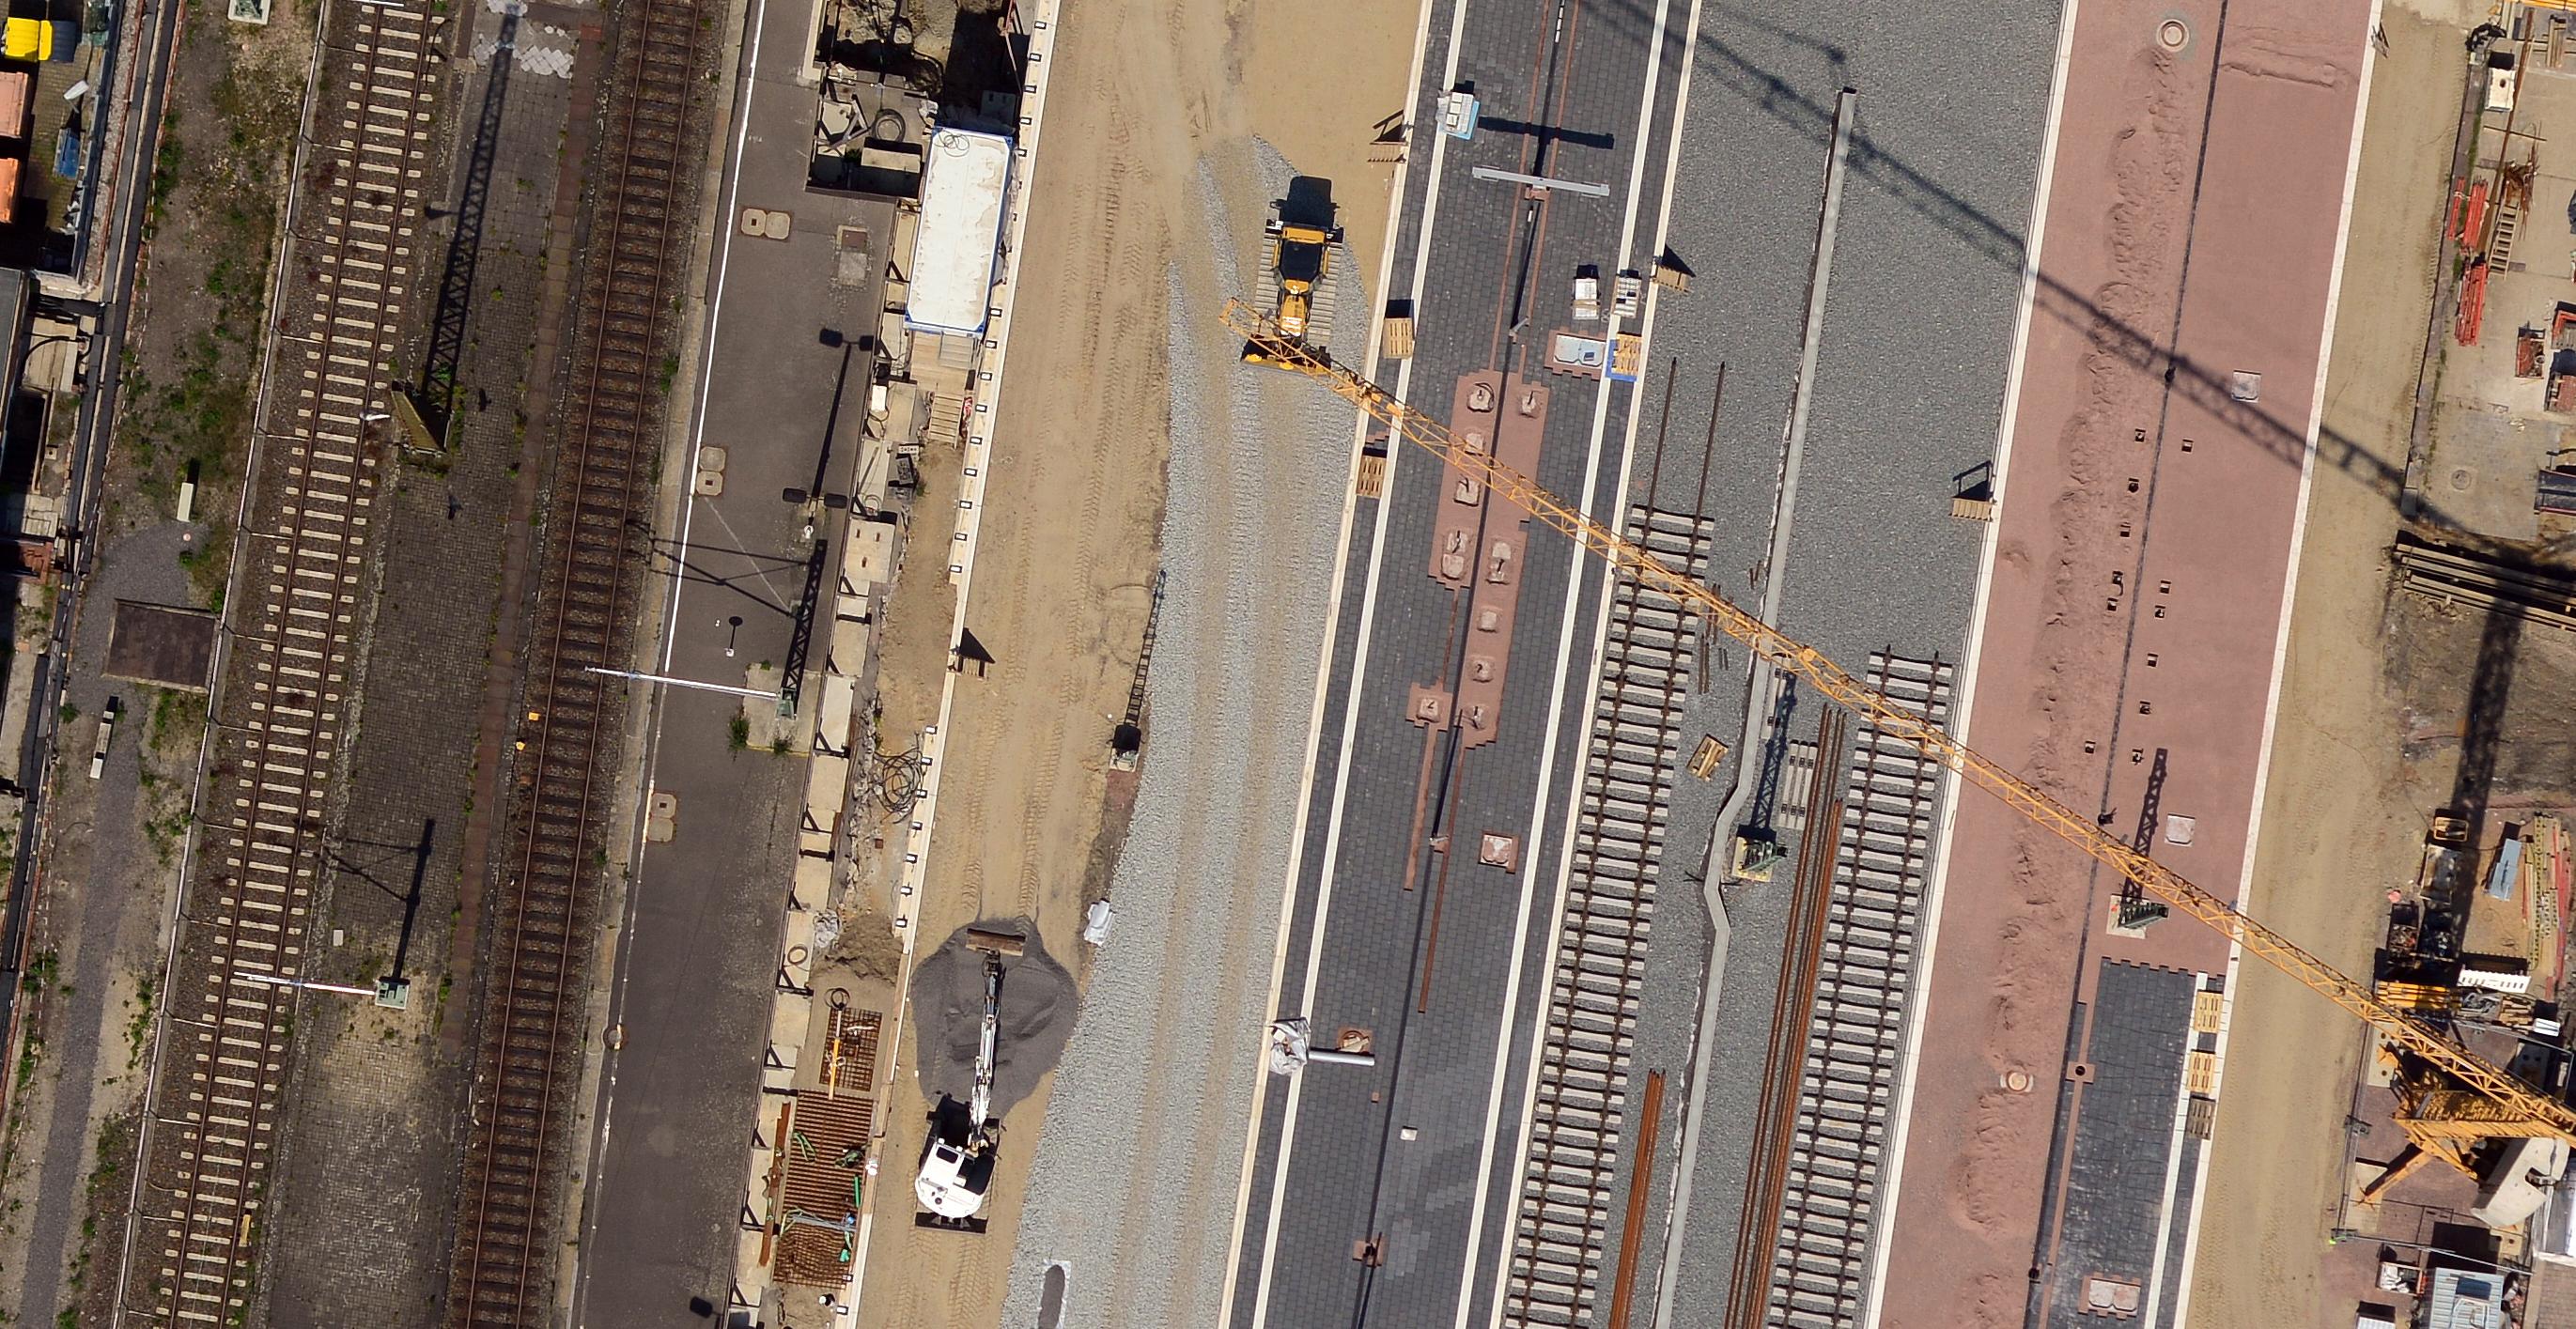 Bahnhof Übersicht ZOOM JPG